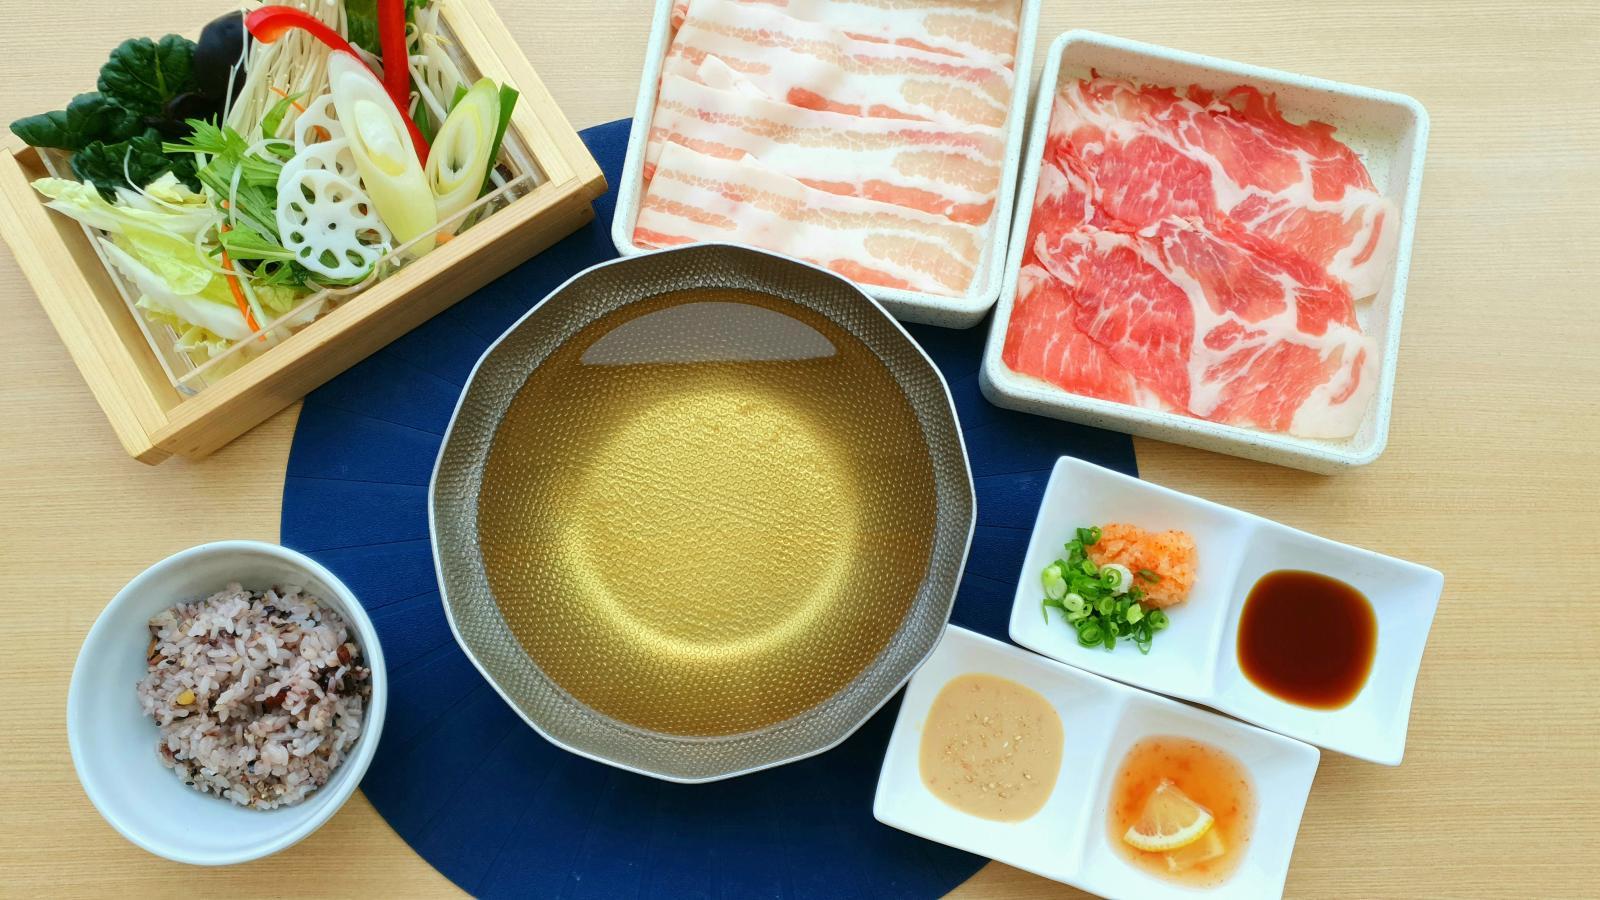 【平日限定ランチ】デザート付き♪お肉2皿(三元豚バラ・ロース)セット